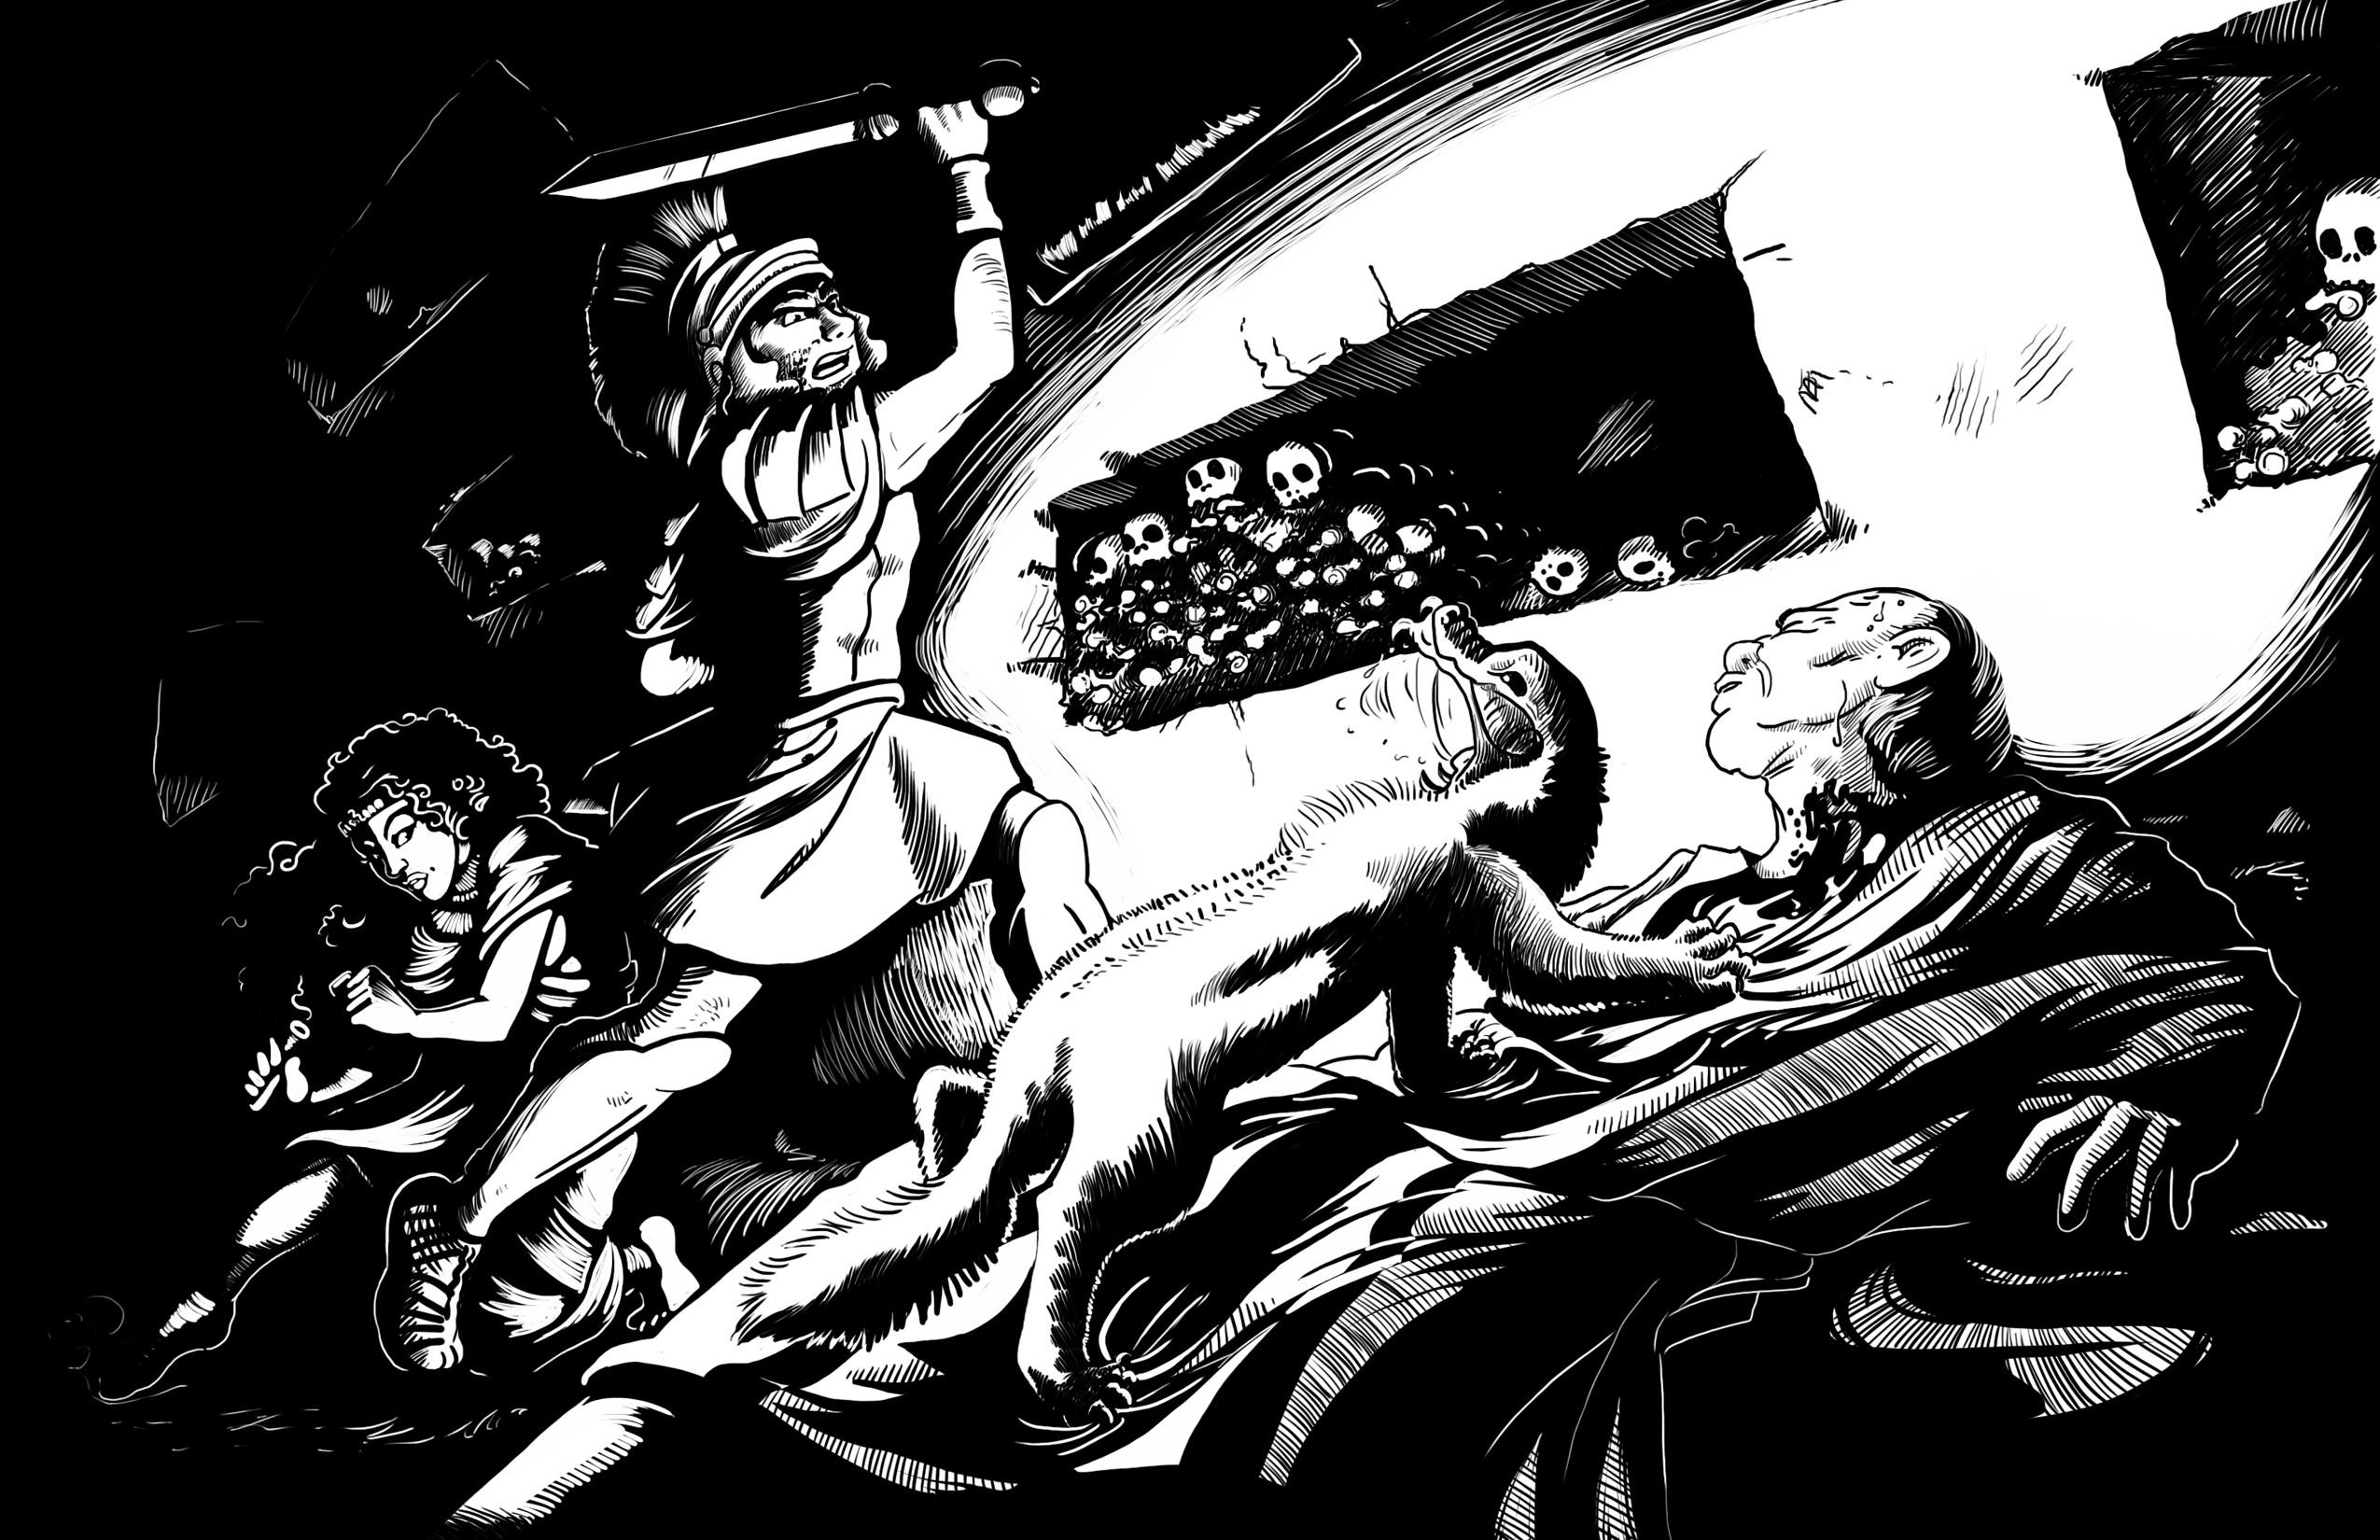 Image 8 combat